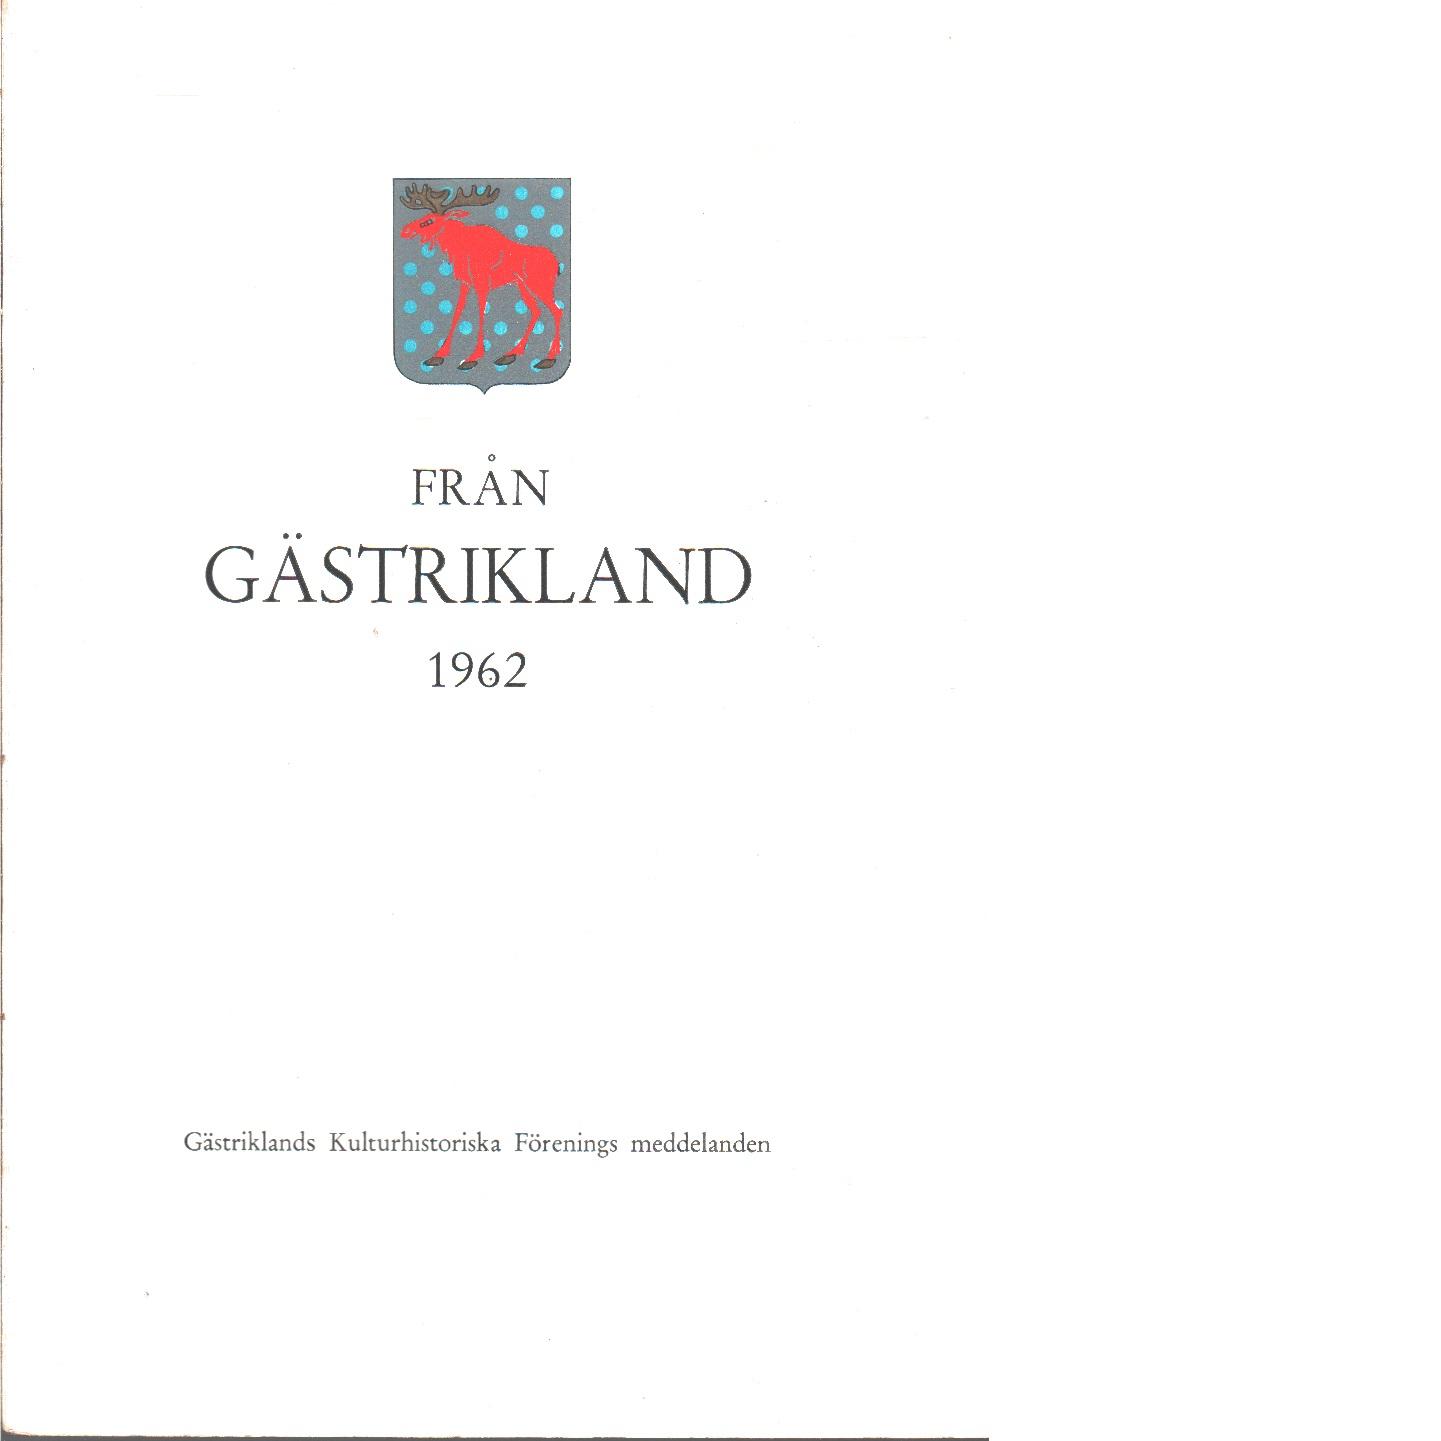 Från Gästrikland 1962 - Gästriklands kulturhistoriska förening